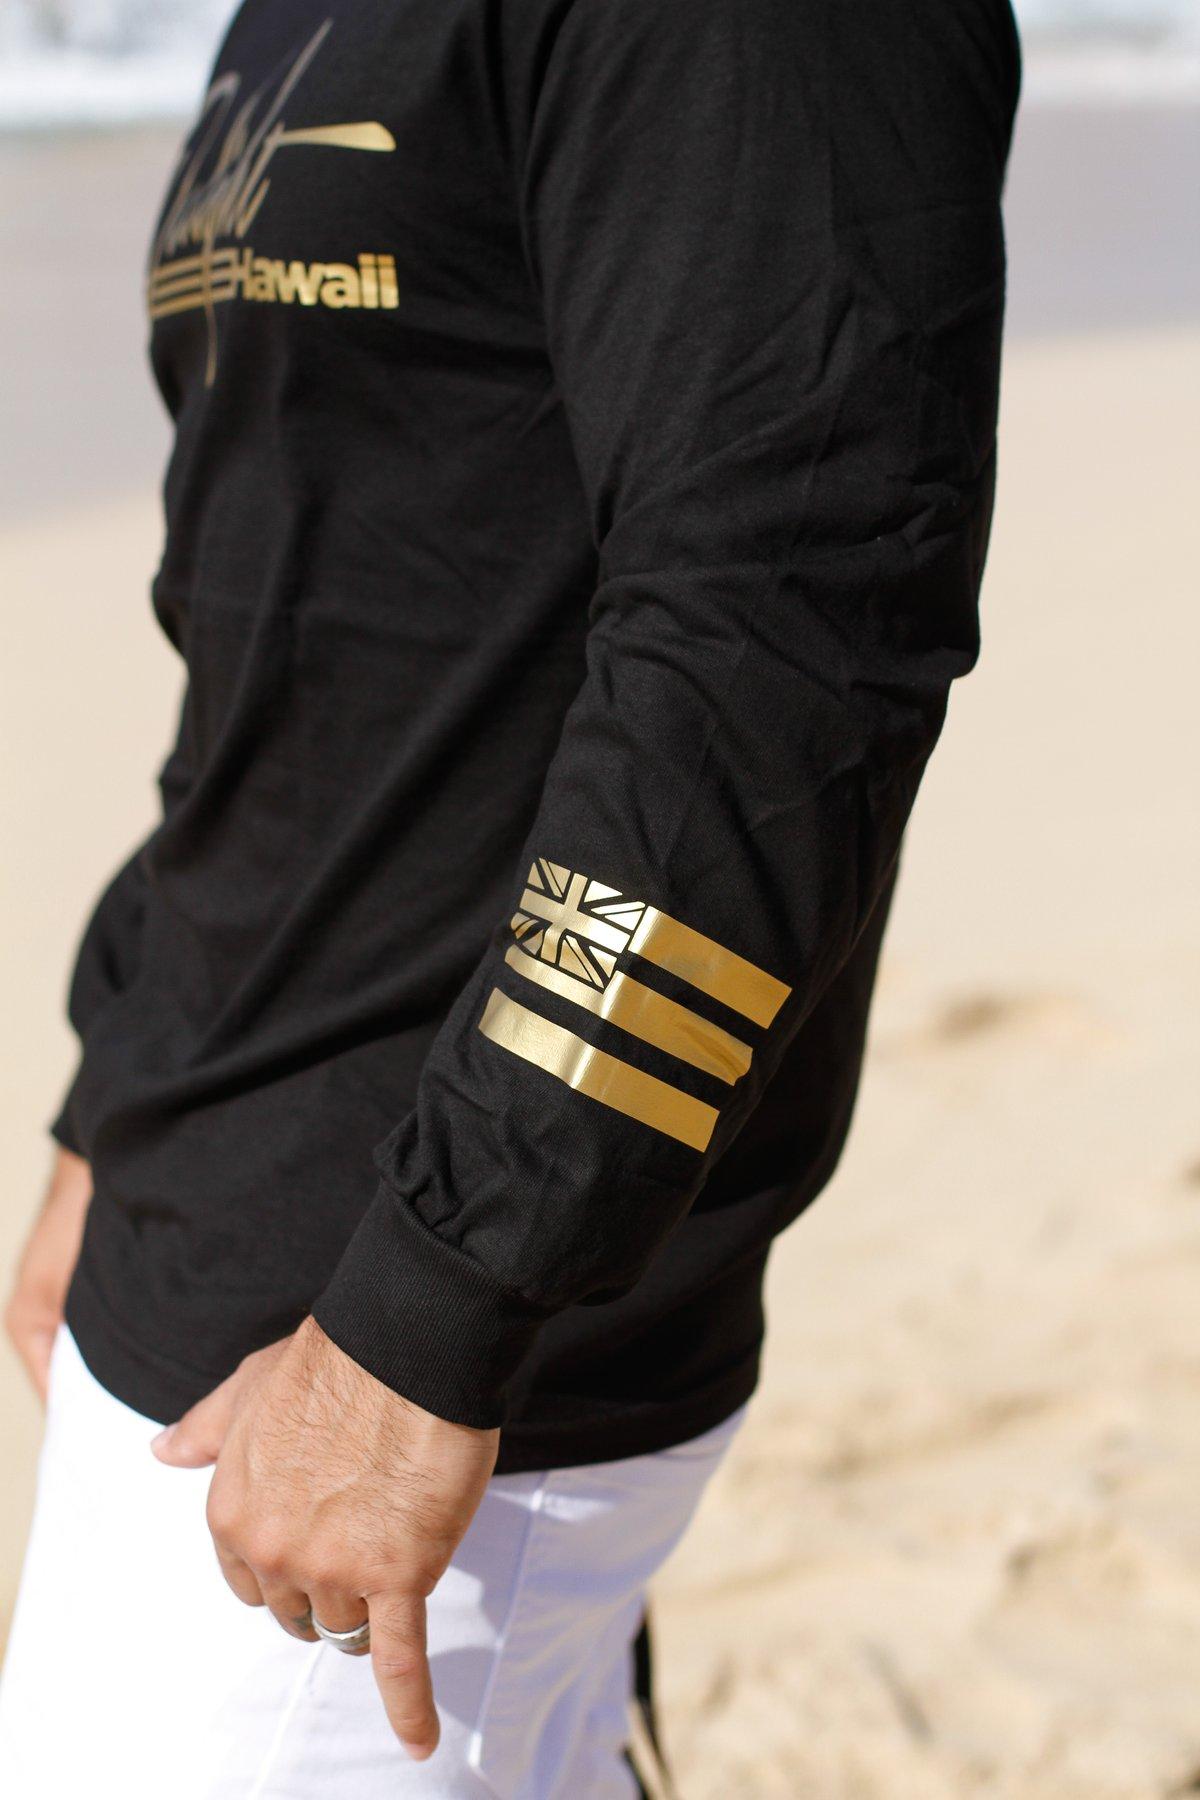 Delight Stripes Black/Gold Longsleeve